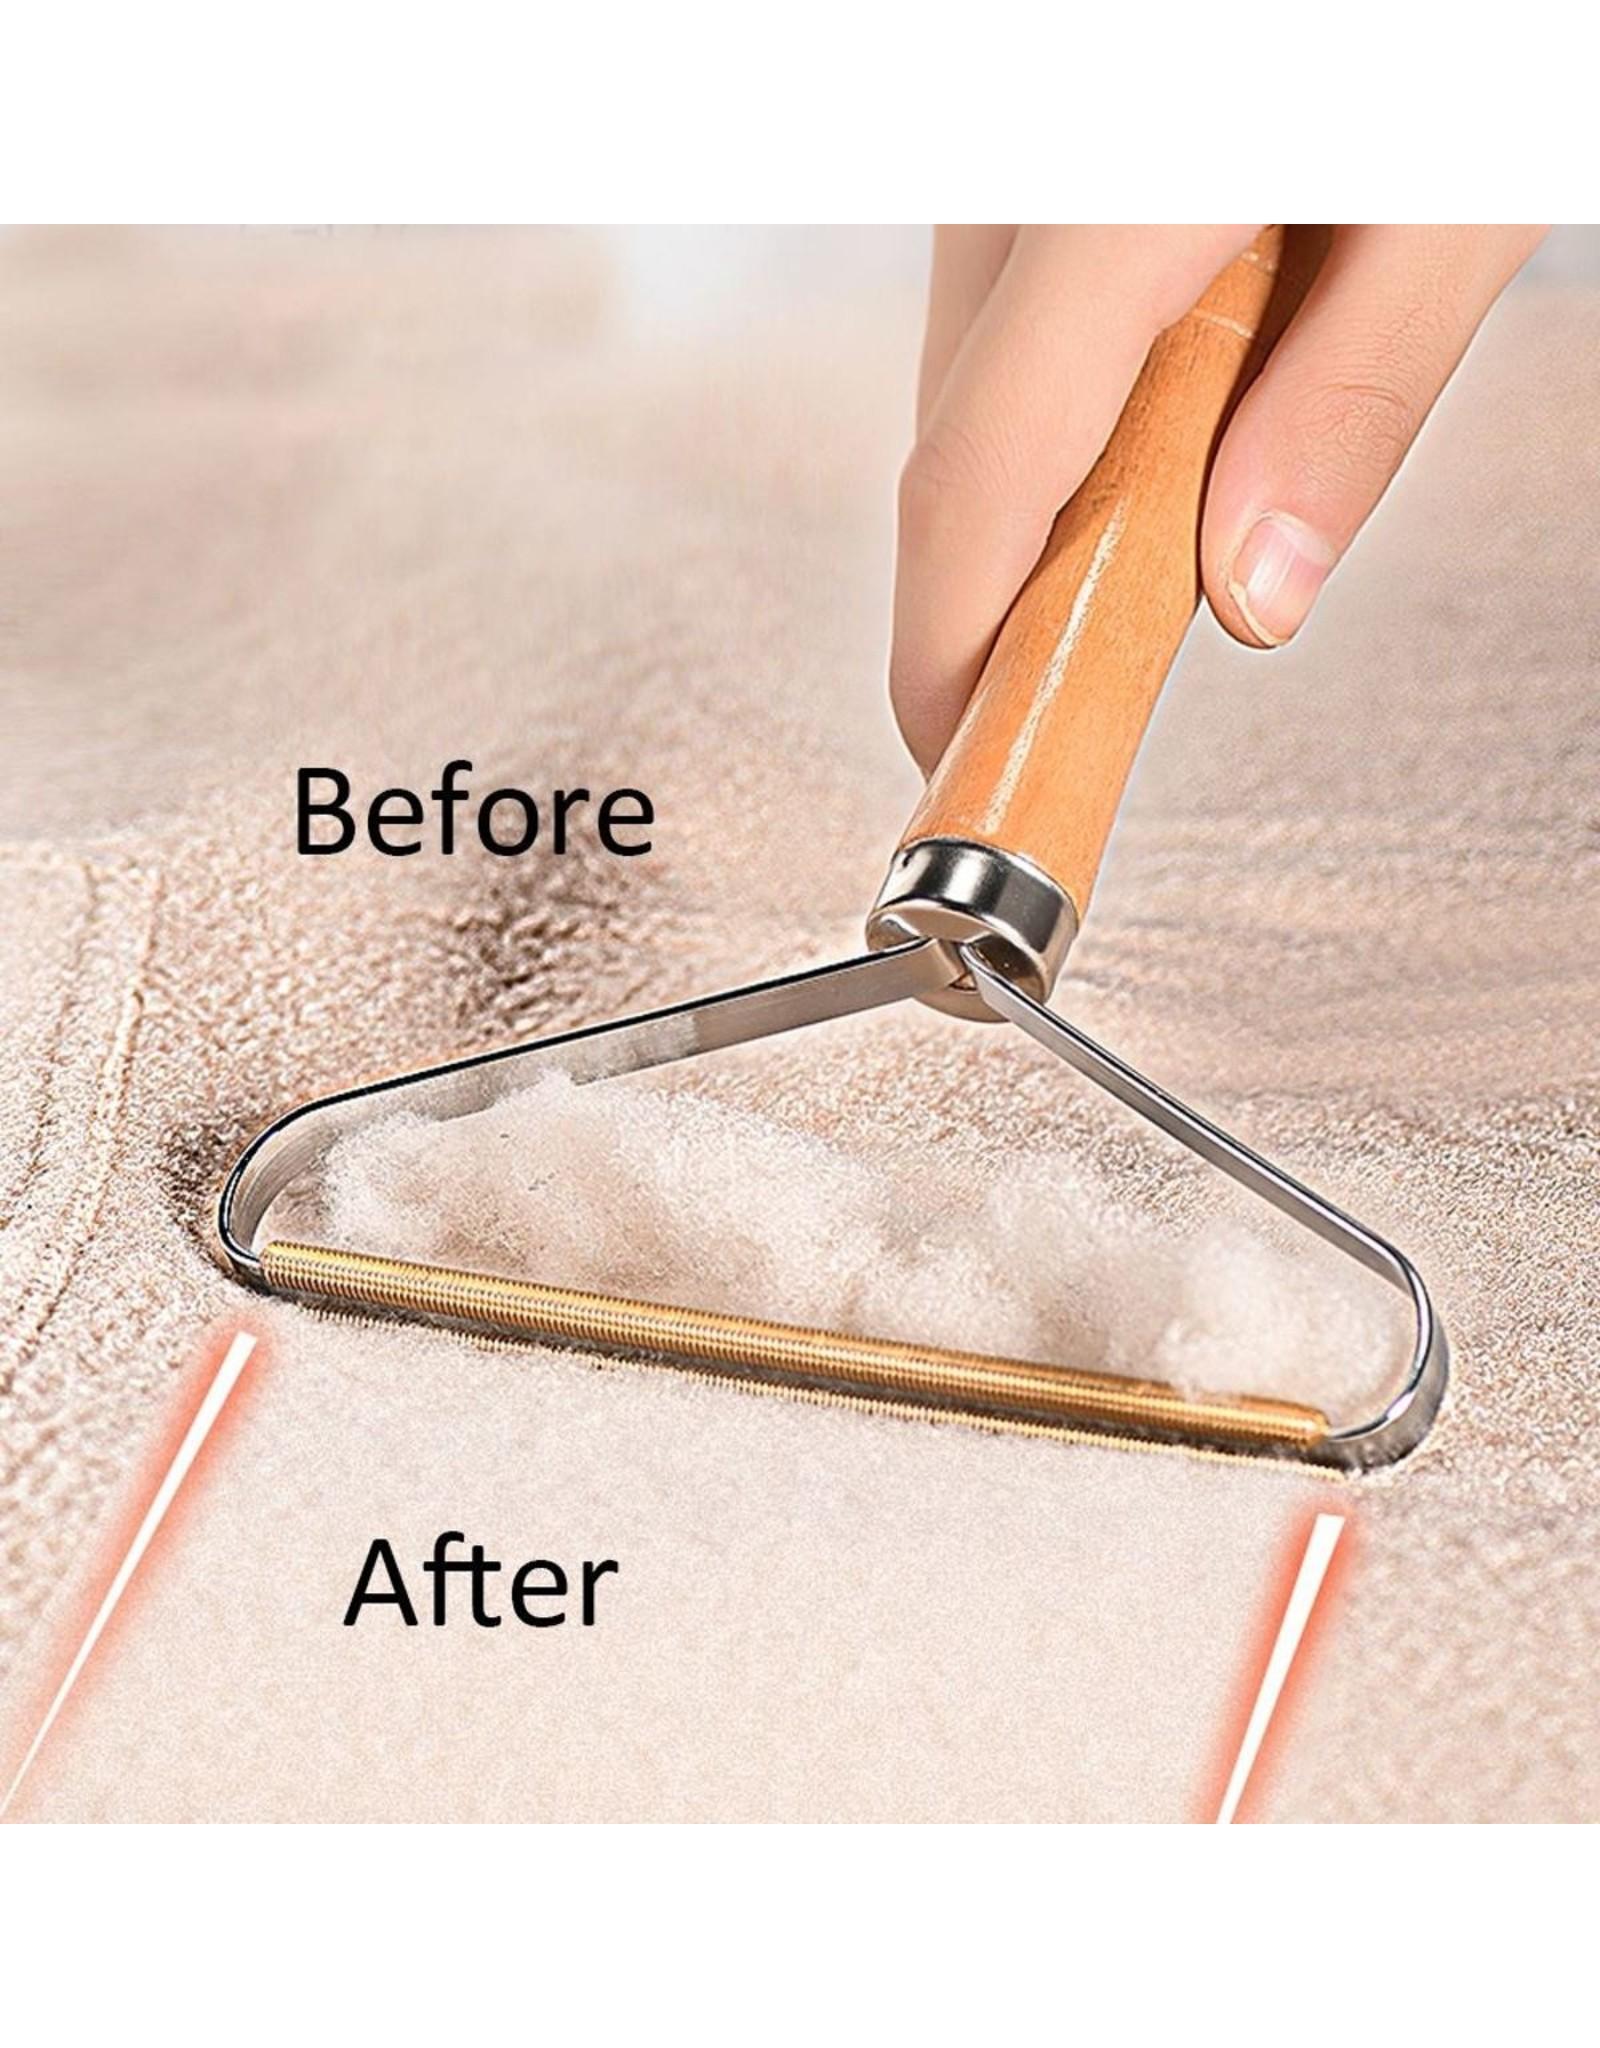 Hair remover - Depupler